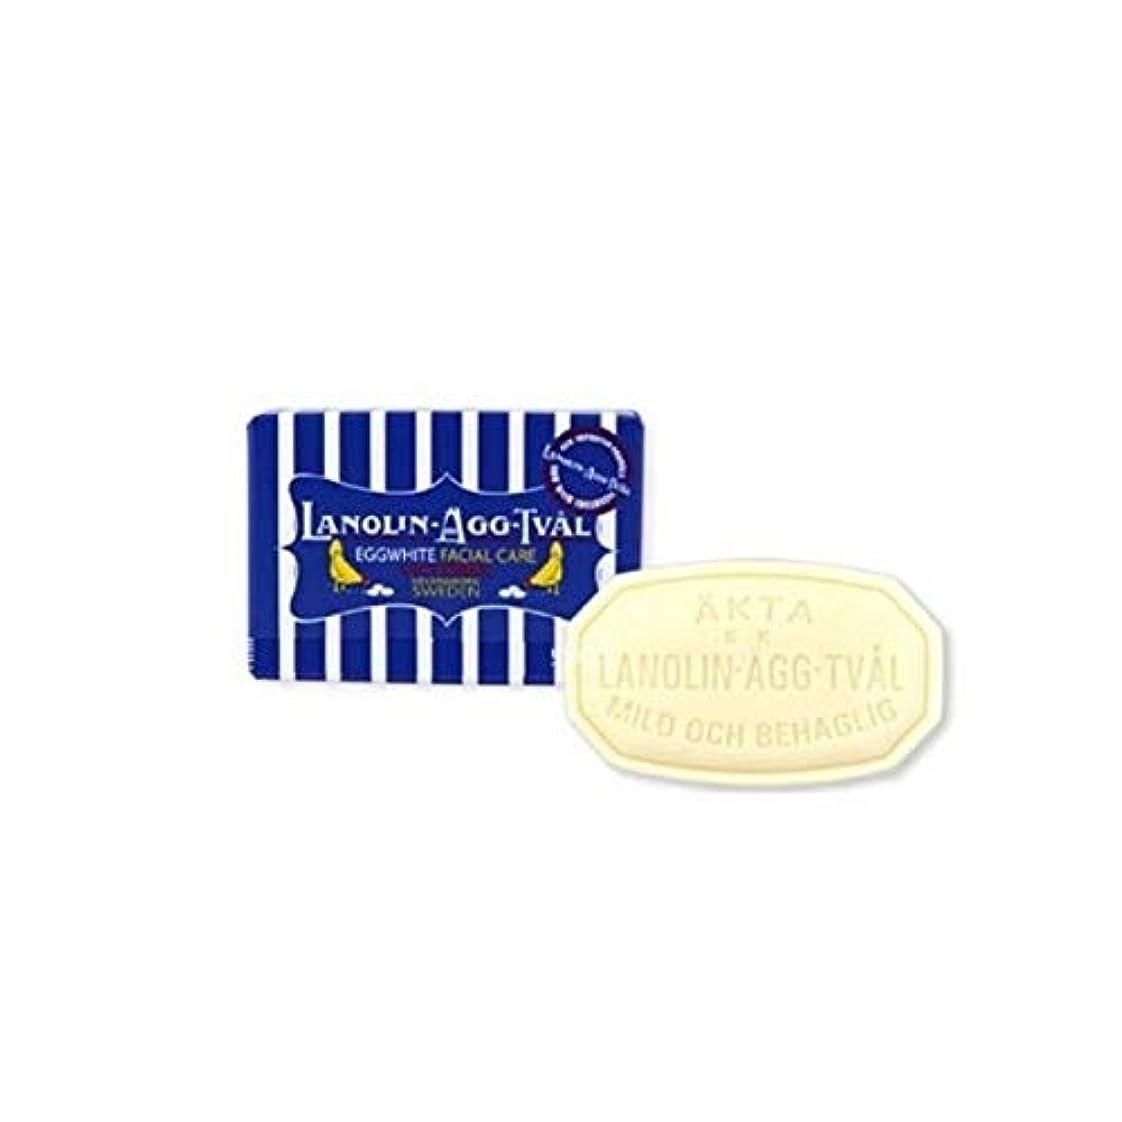 島子ルーキーヴィクトリア(Victoria) スウェーデン エッグ ホワイトソープ 50g×6個セット エッグパック[並行輸入品]